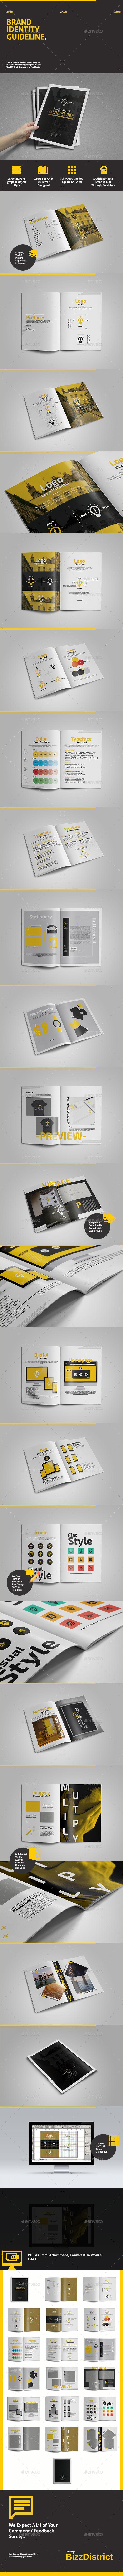 GraphicRiver Brand Identity Guideline 11323555